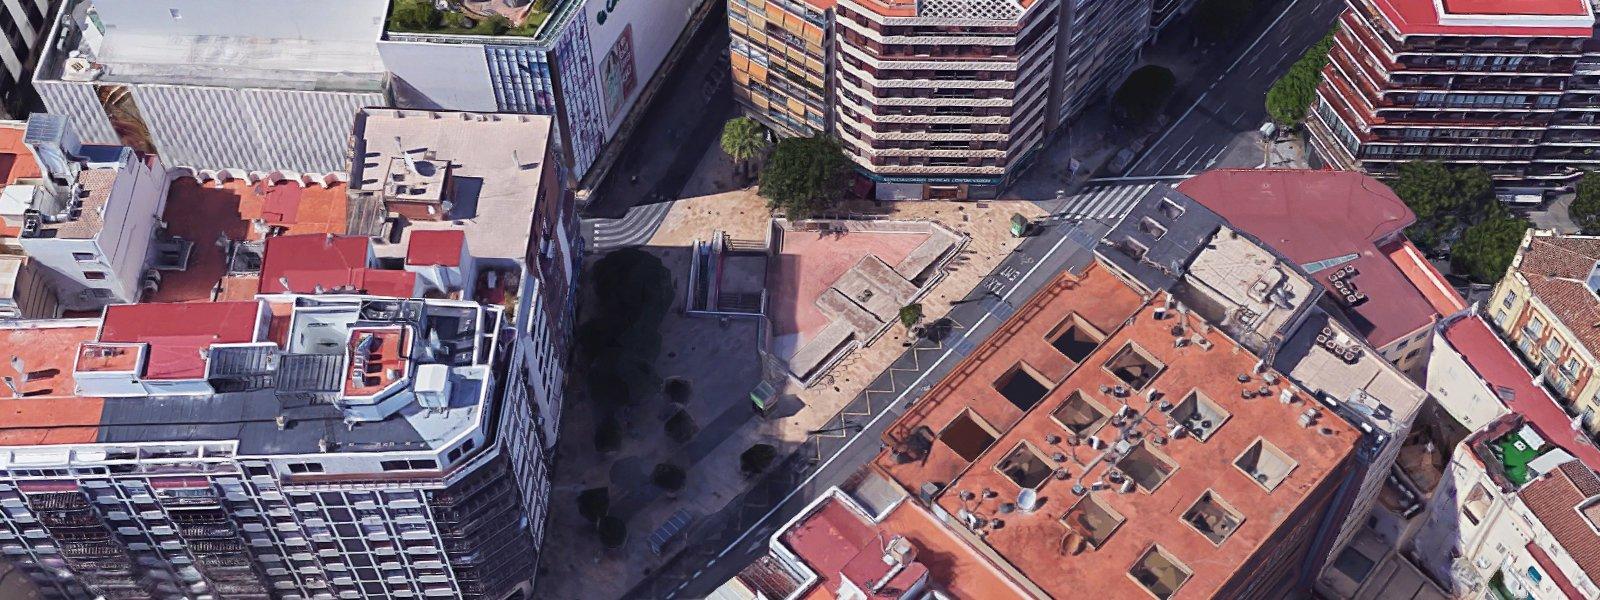 Plaça Pinazo, localització per a la representació d'espectacles